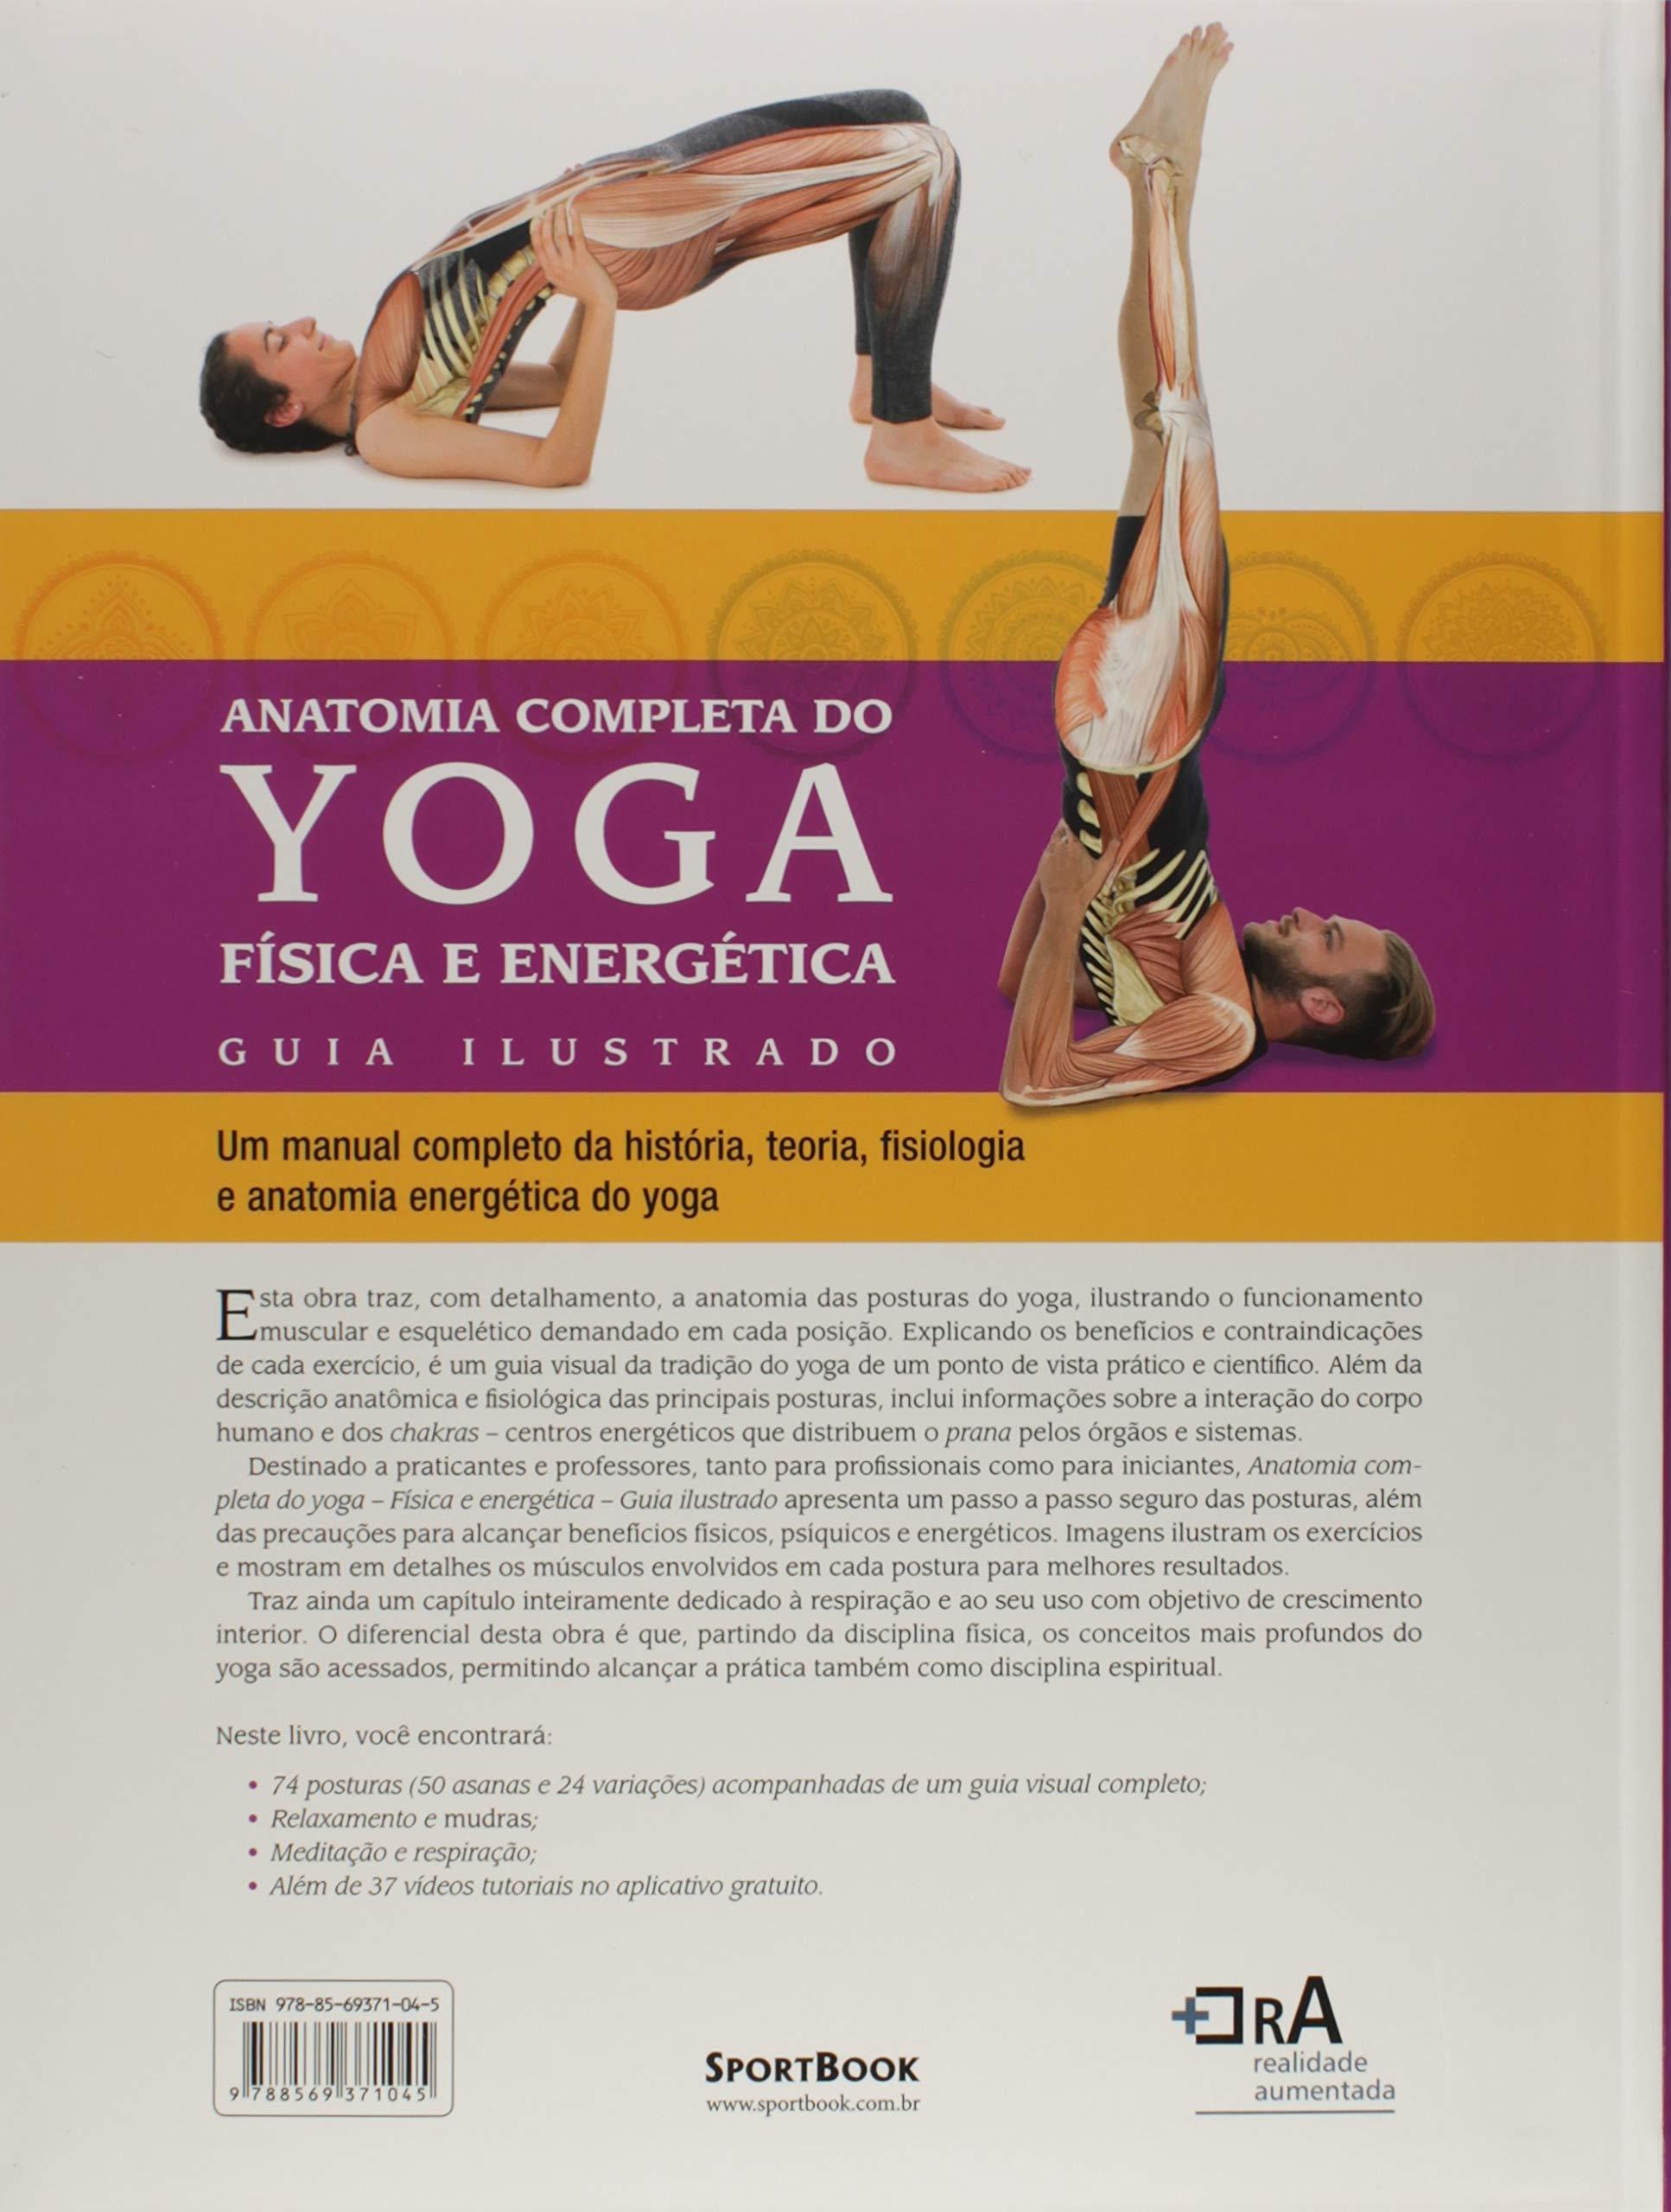 Anatomia Completa do Yoga - Física e Energética: Guia ...